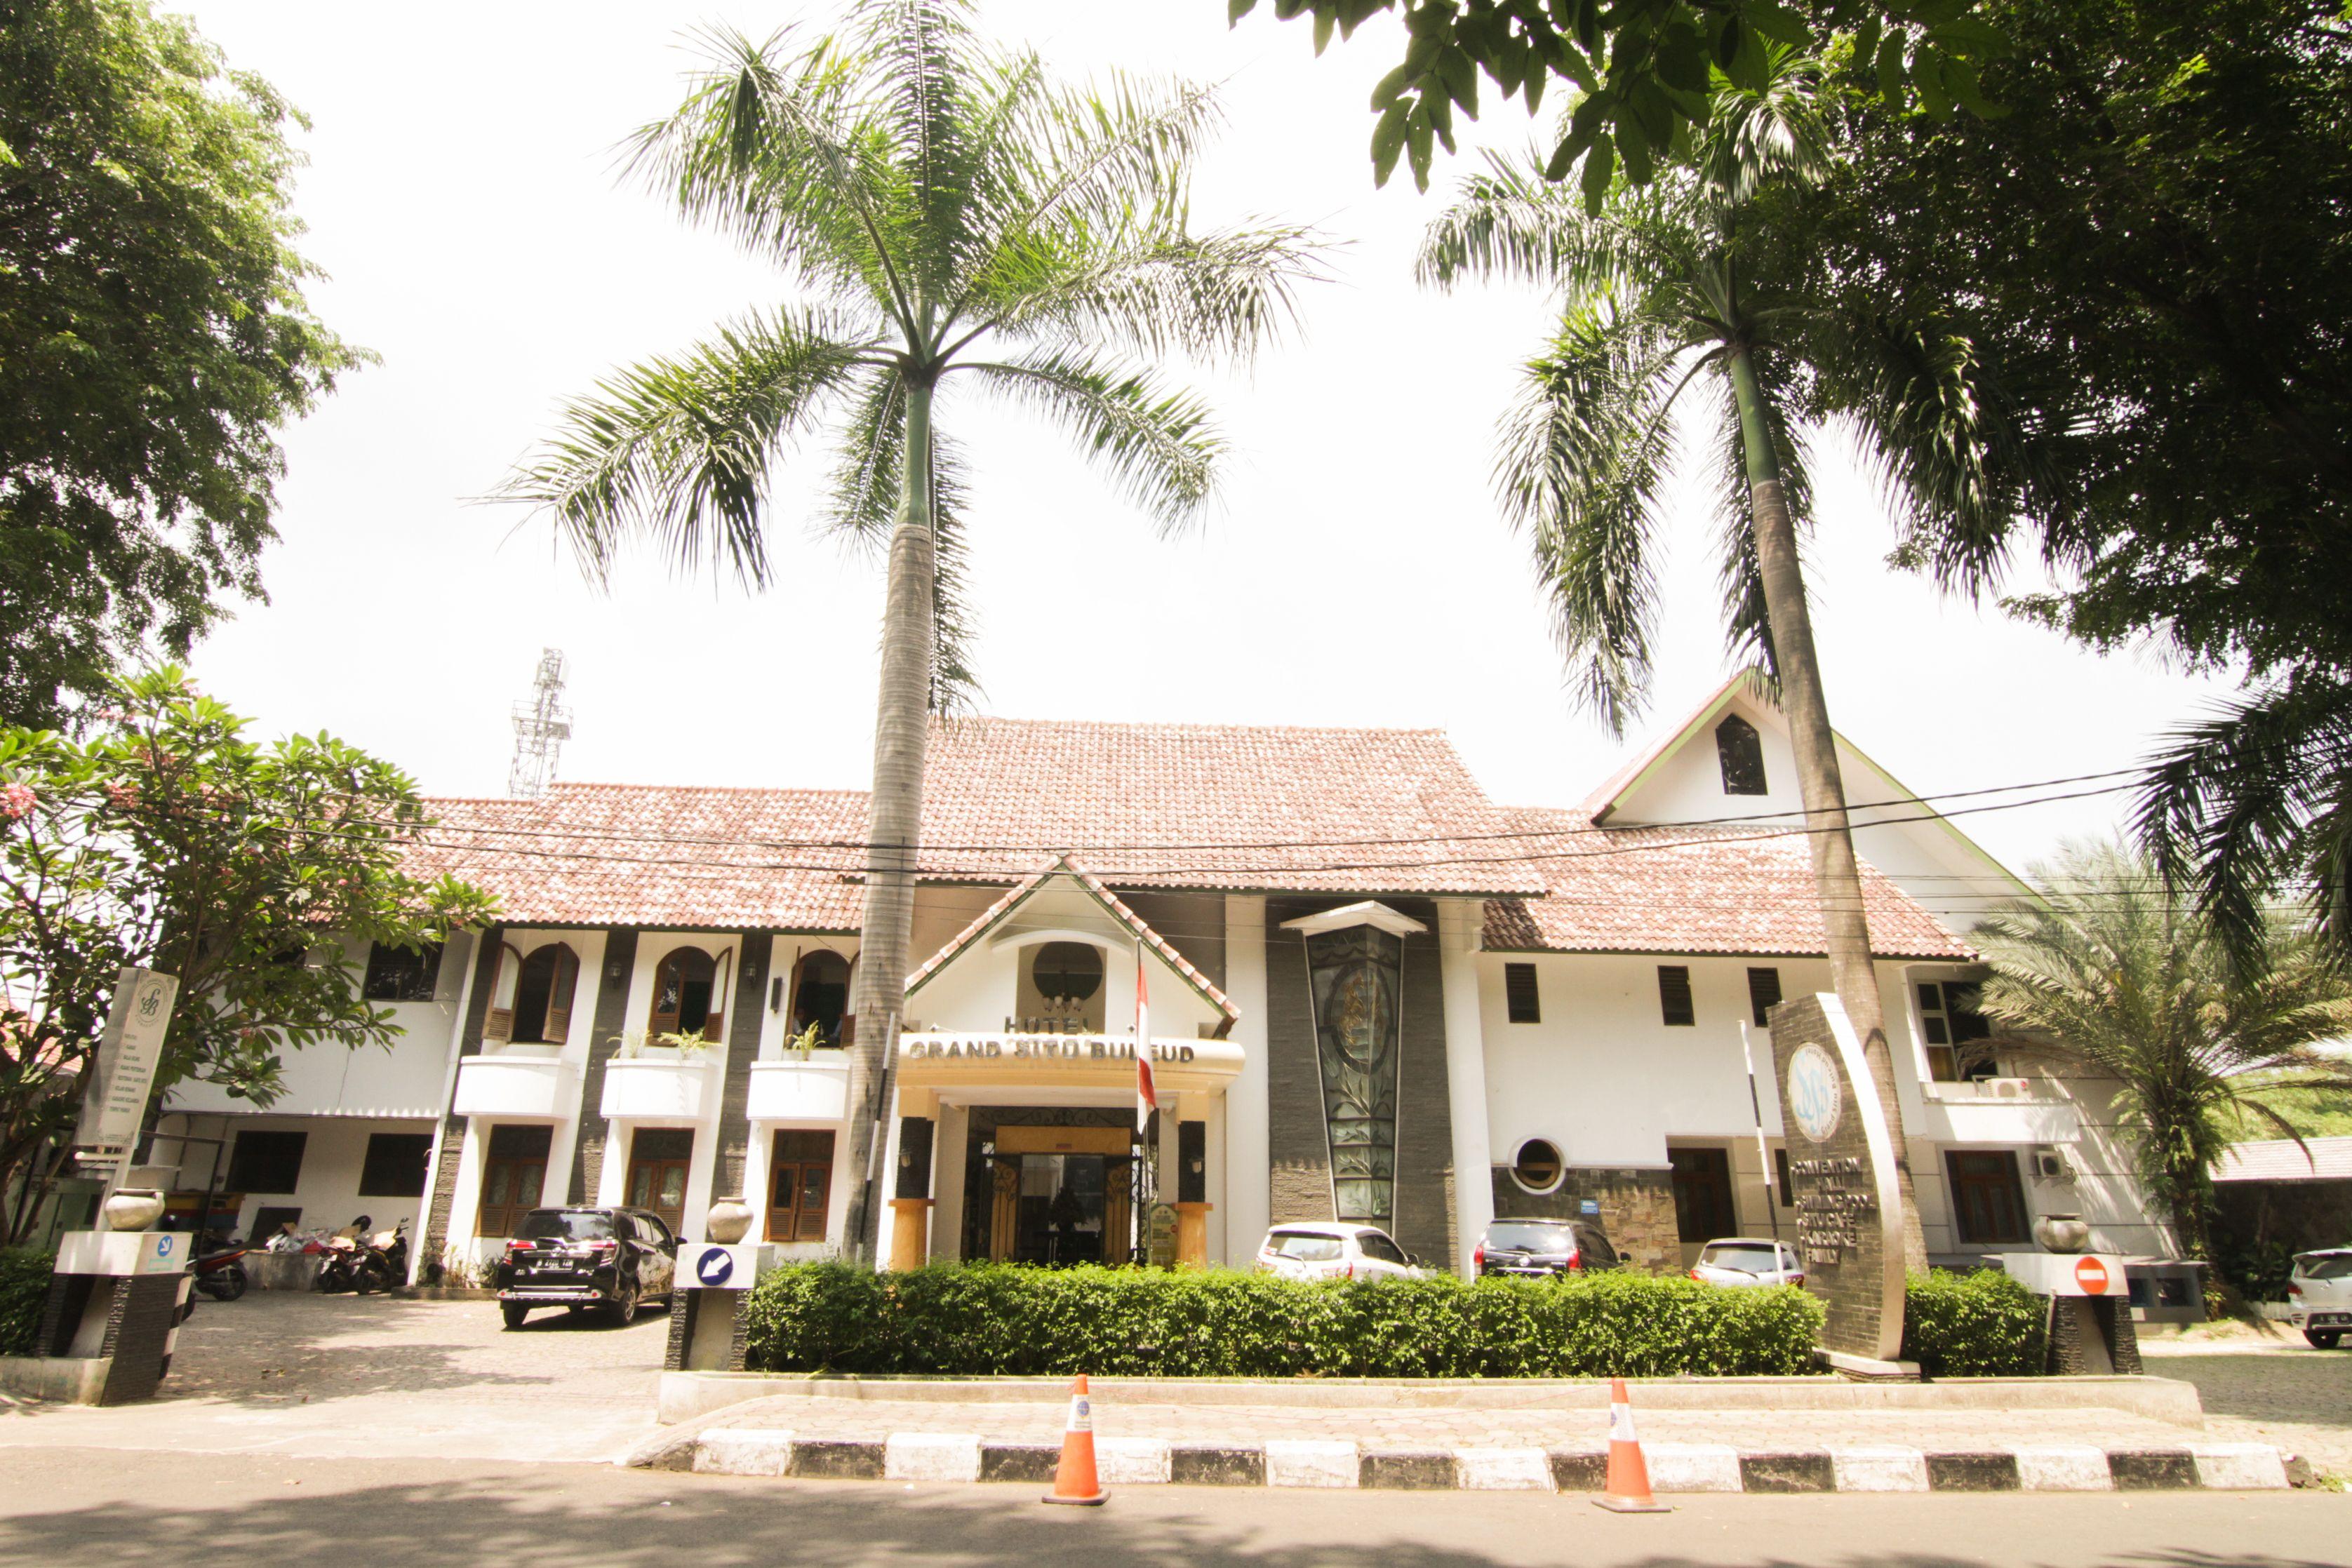 Hotel Grand Situ Buleud Purwakarta